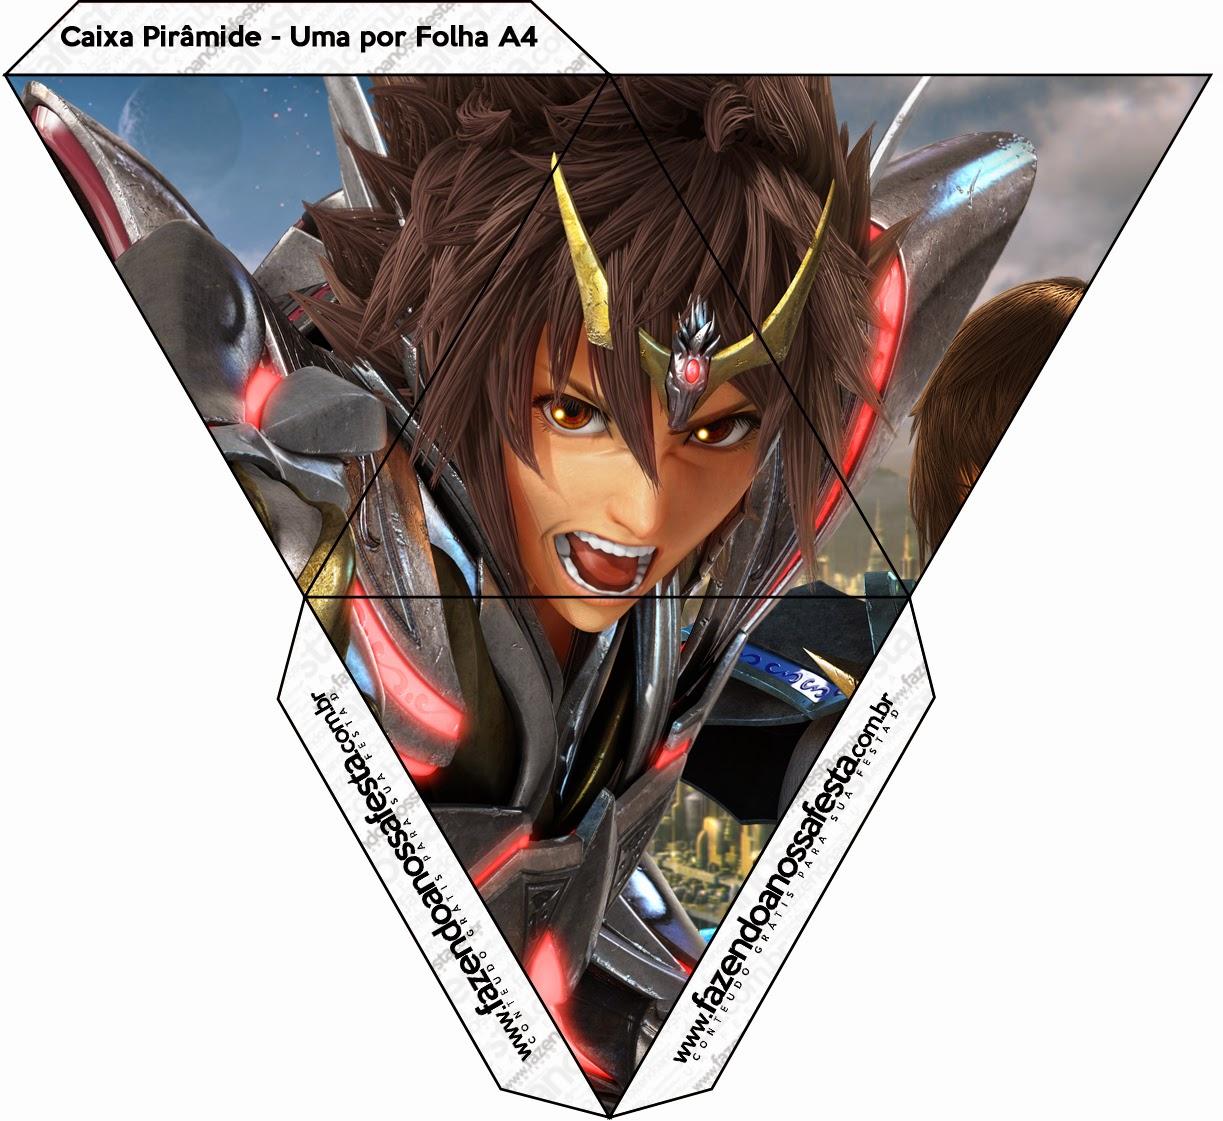 Caja con forma de pirámide de Caballeros del Zodiaco.